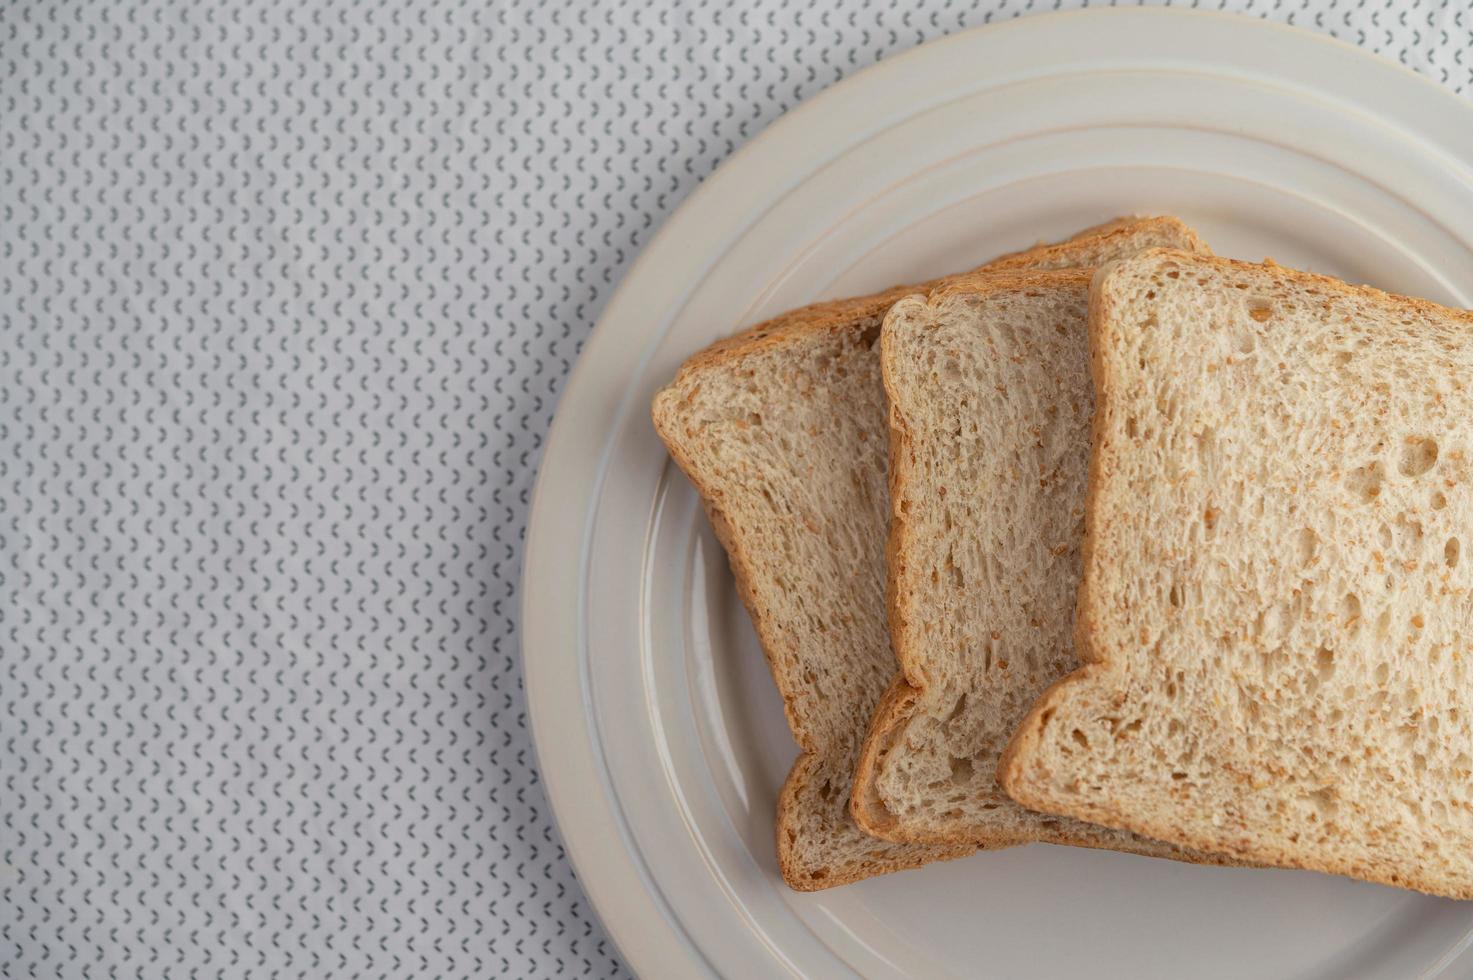 gesneden stukjes brood foto